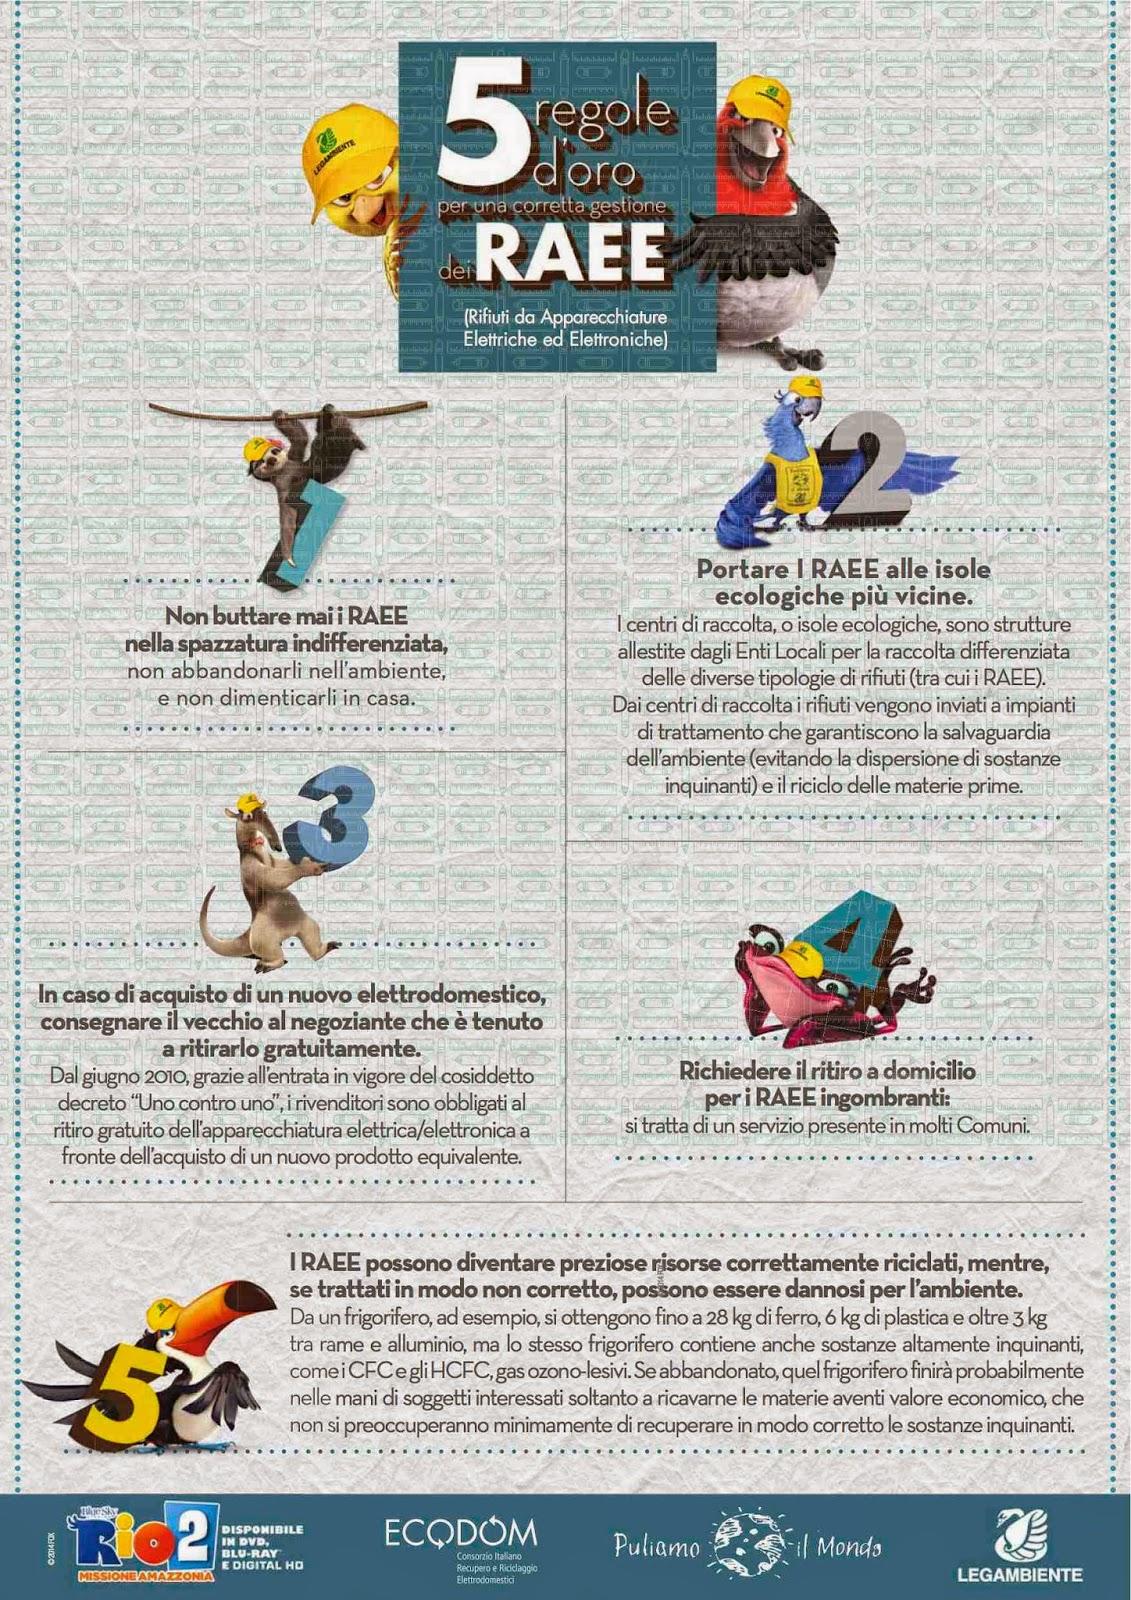 Incazzatodentro raee le 5 regole per smaltire for Contributo raee